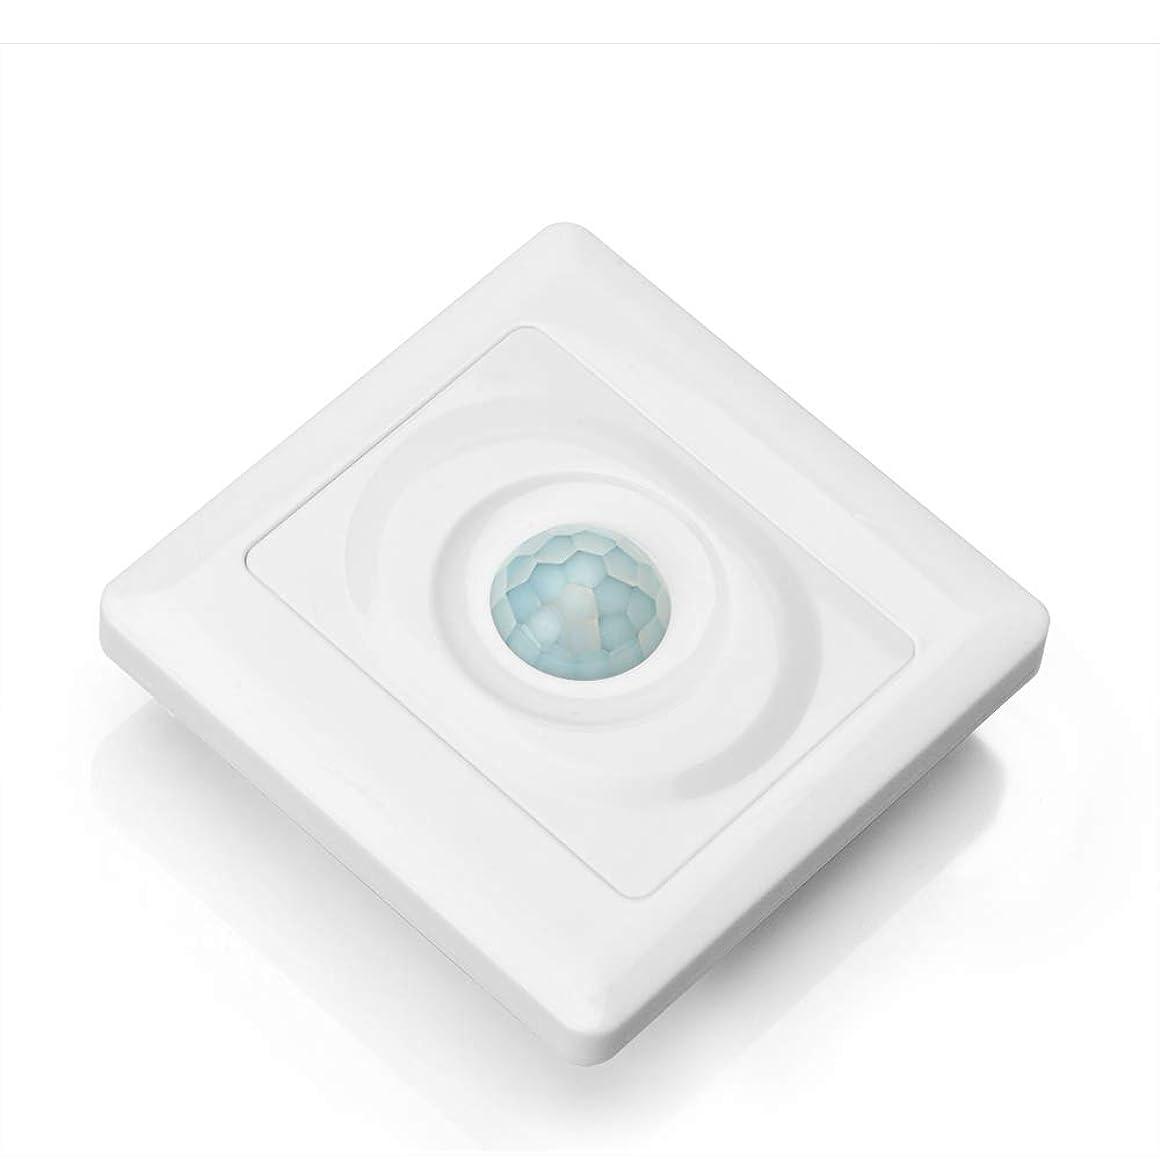 略奪海港レーダーOSOYOO(オソヨー)人感センサー光りセンサー赤外線壁自動スイッチ